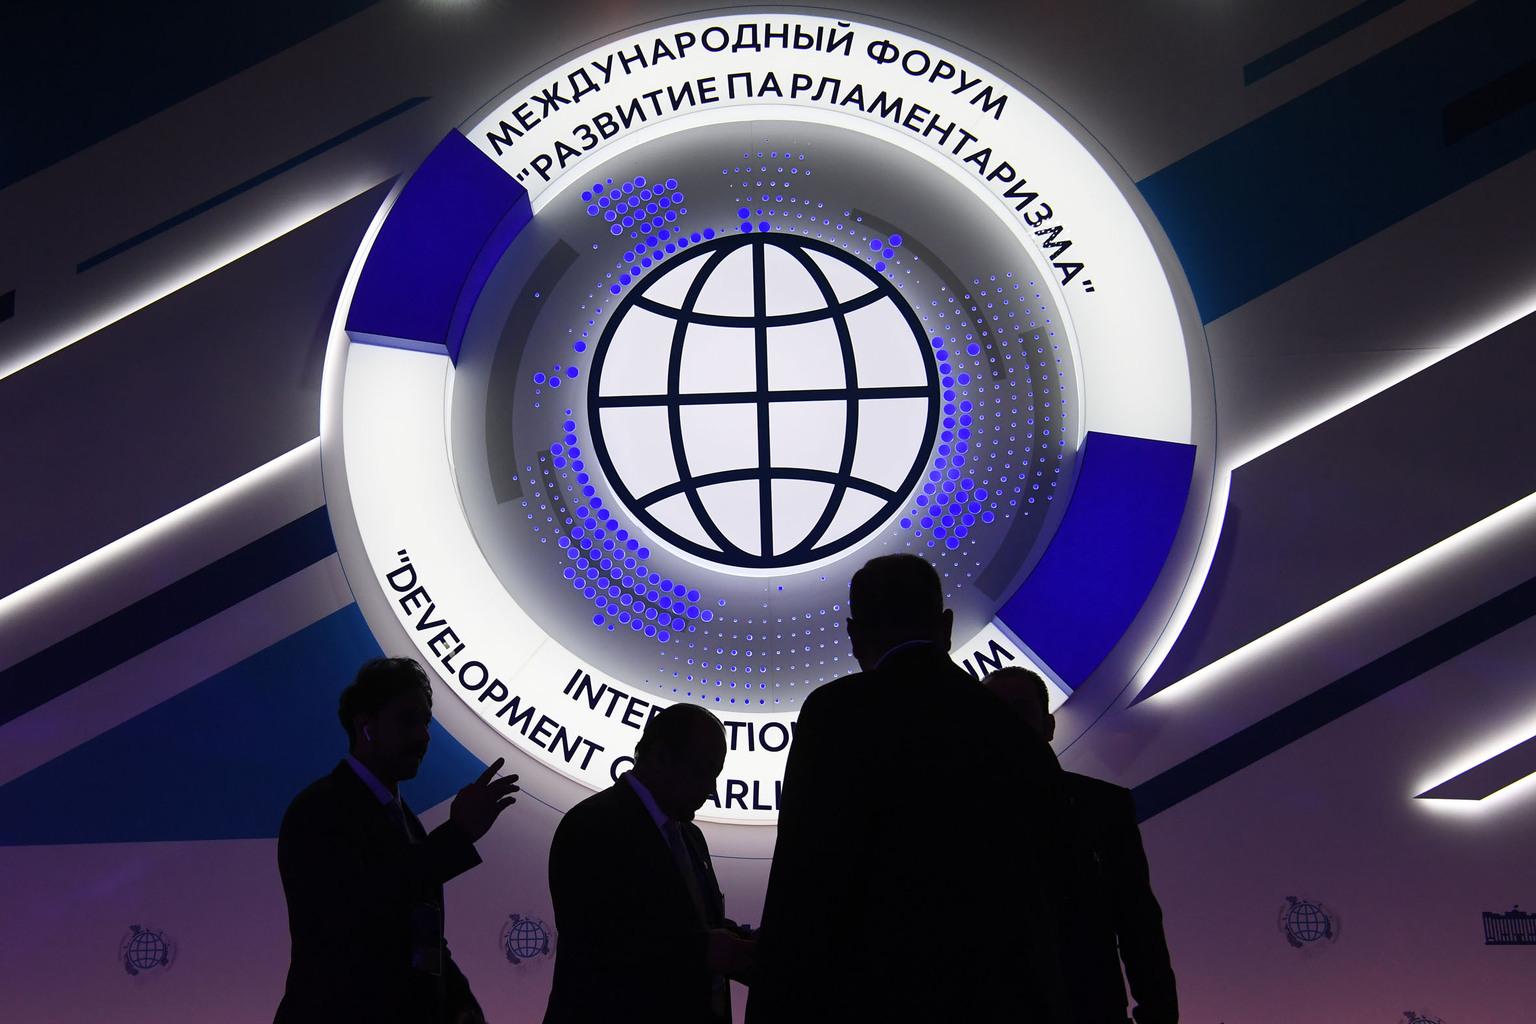 Afrika áll a duma által immár második alkalommal a parlamentarizmus fejlődéséről szervezett nemzetközi fórum középpontjában. #moszkvater